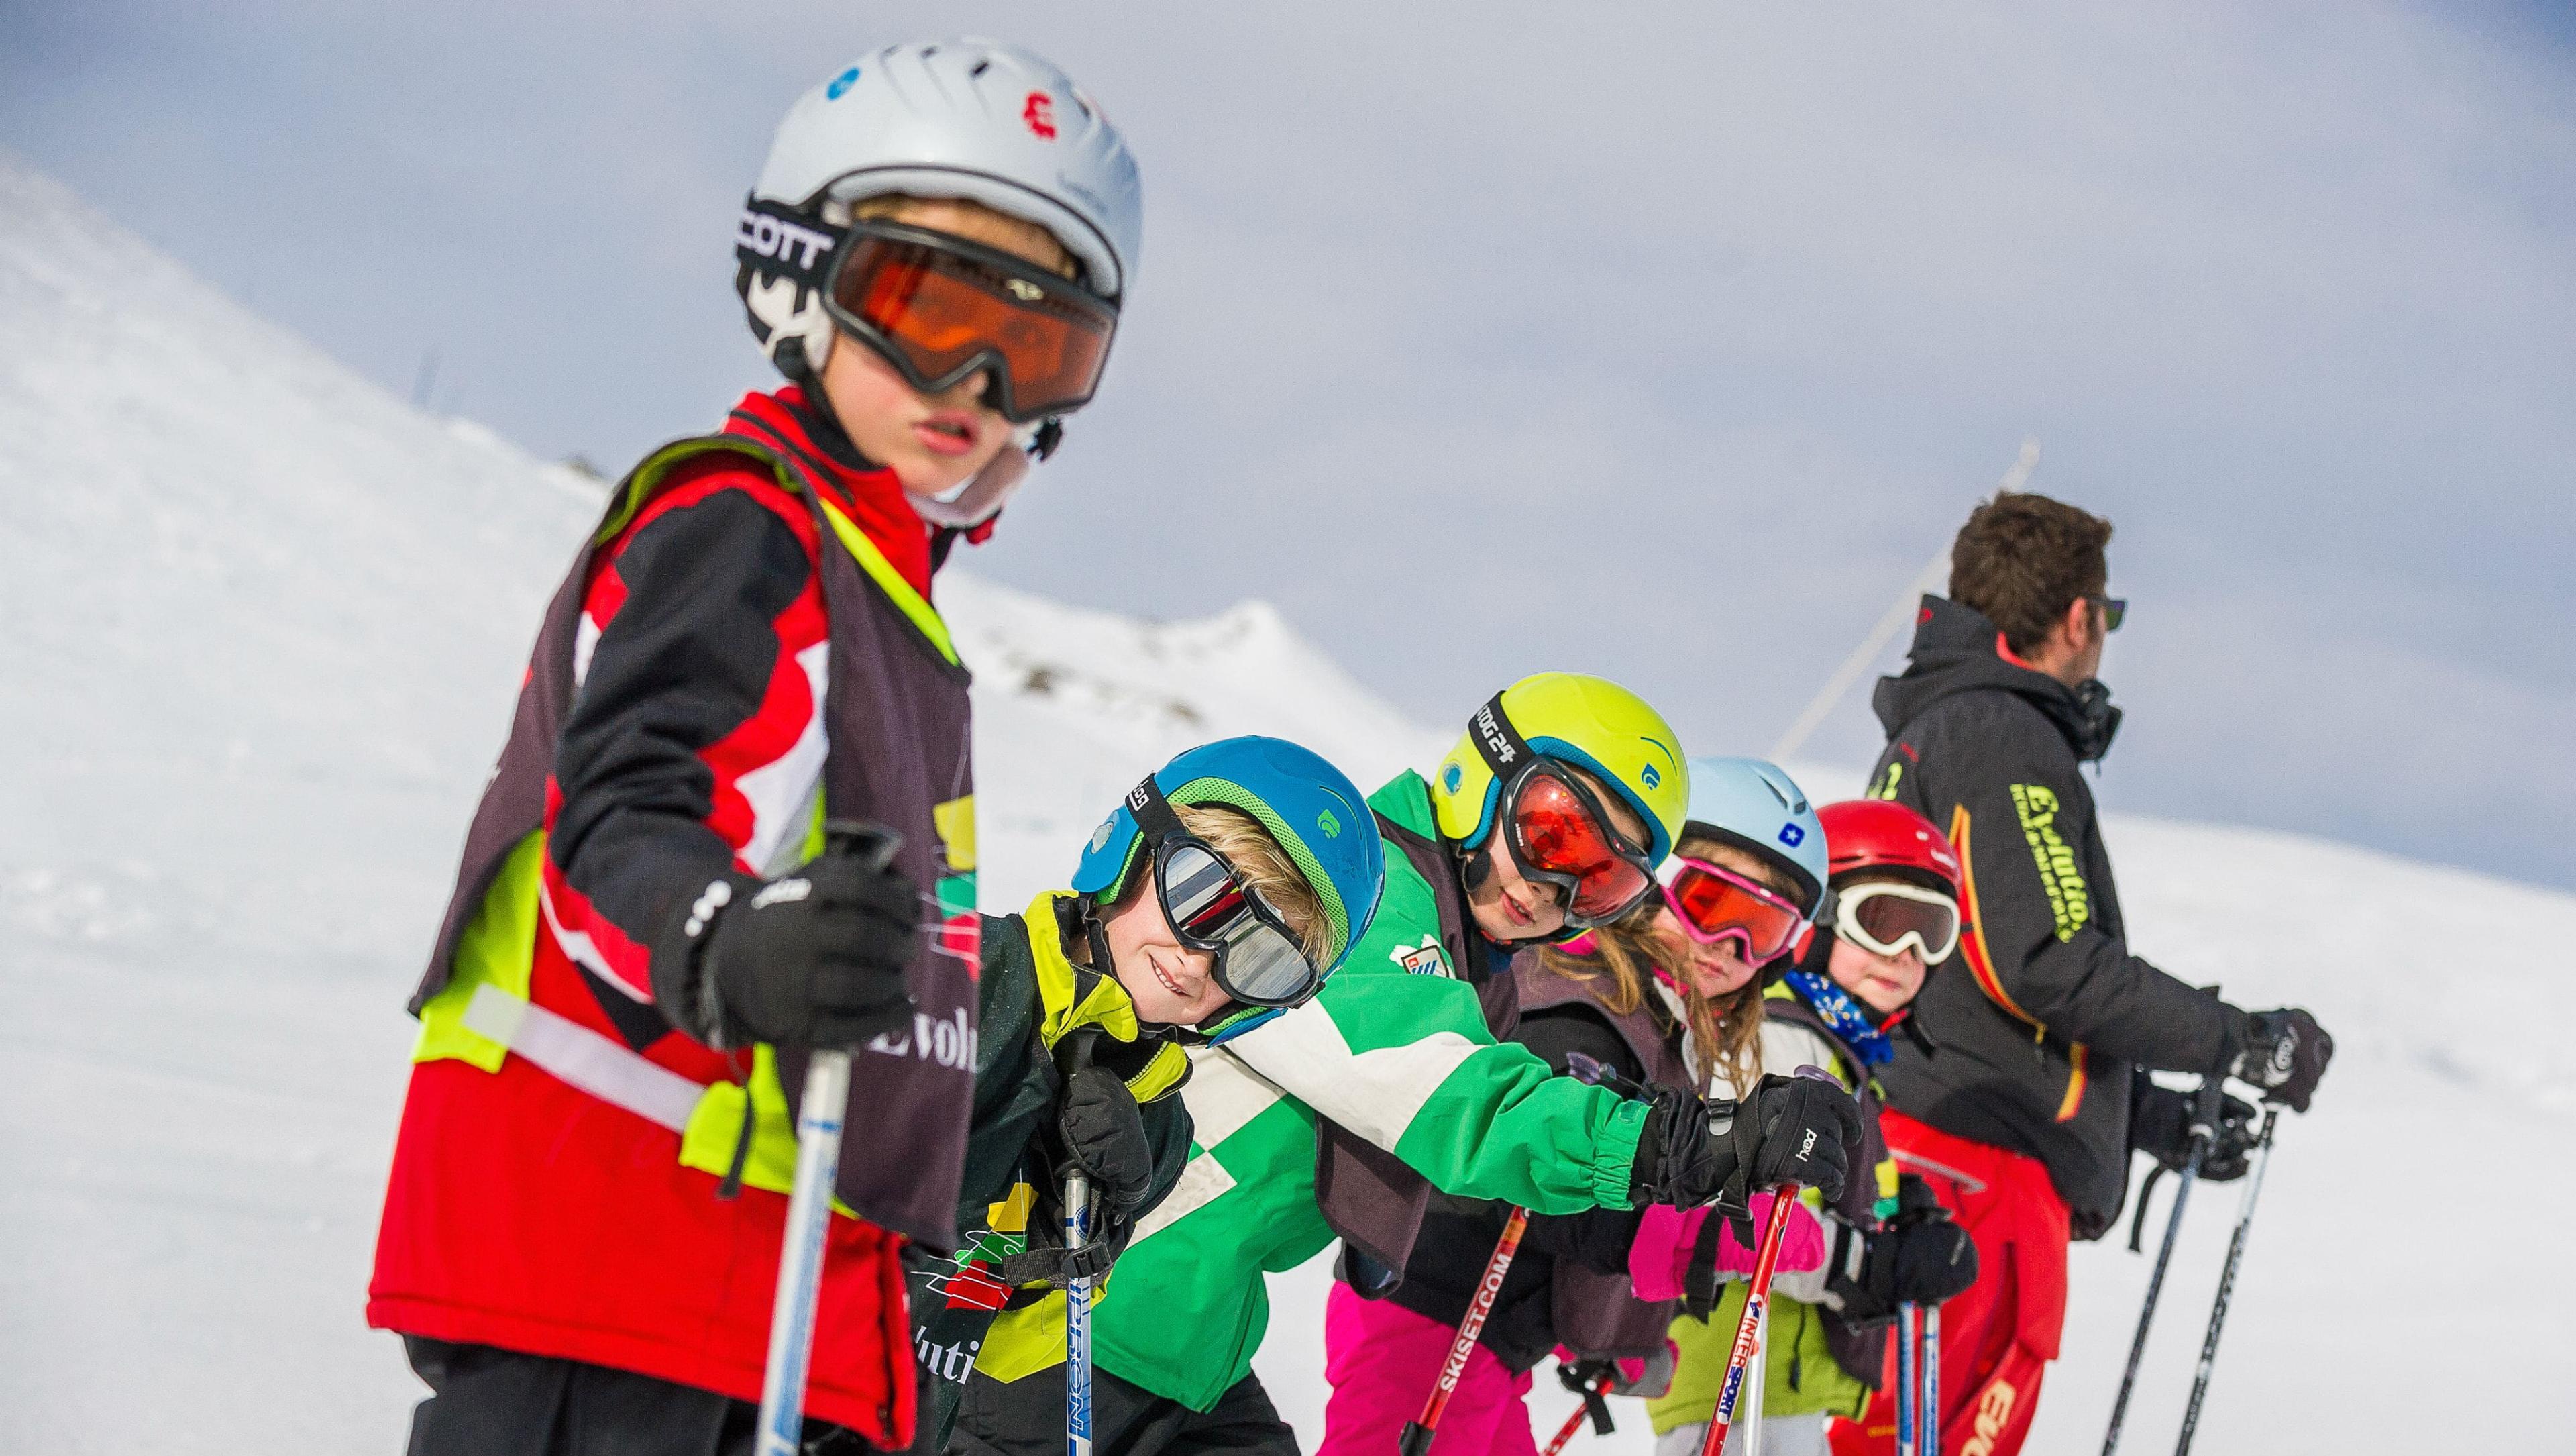 Cours de ski pour Enfants (5-12 ans) - Haute saison